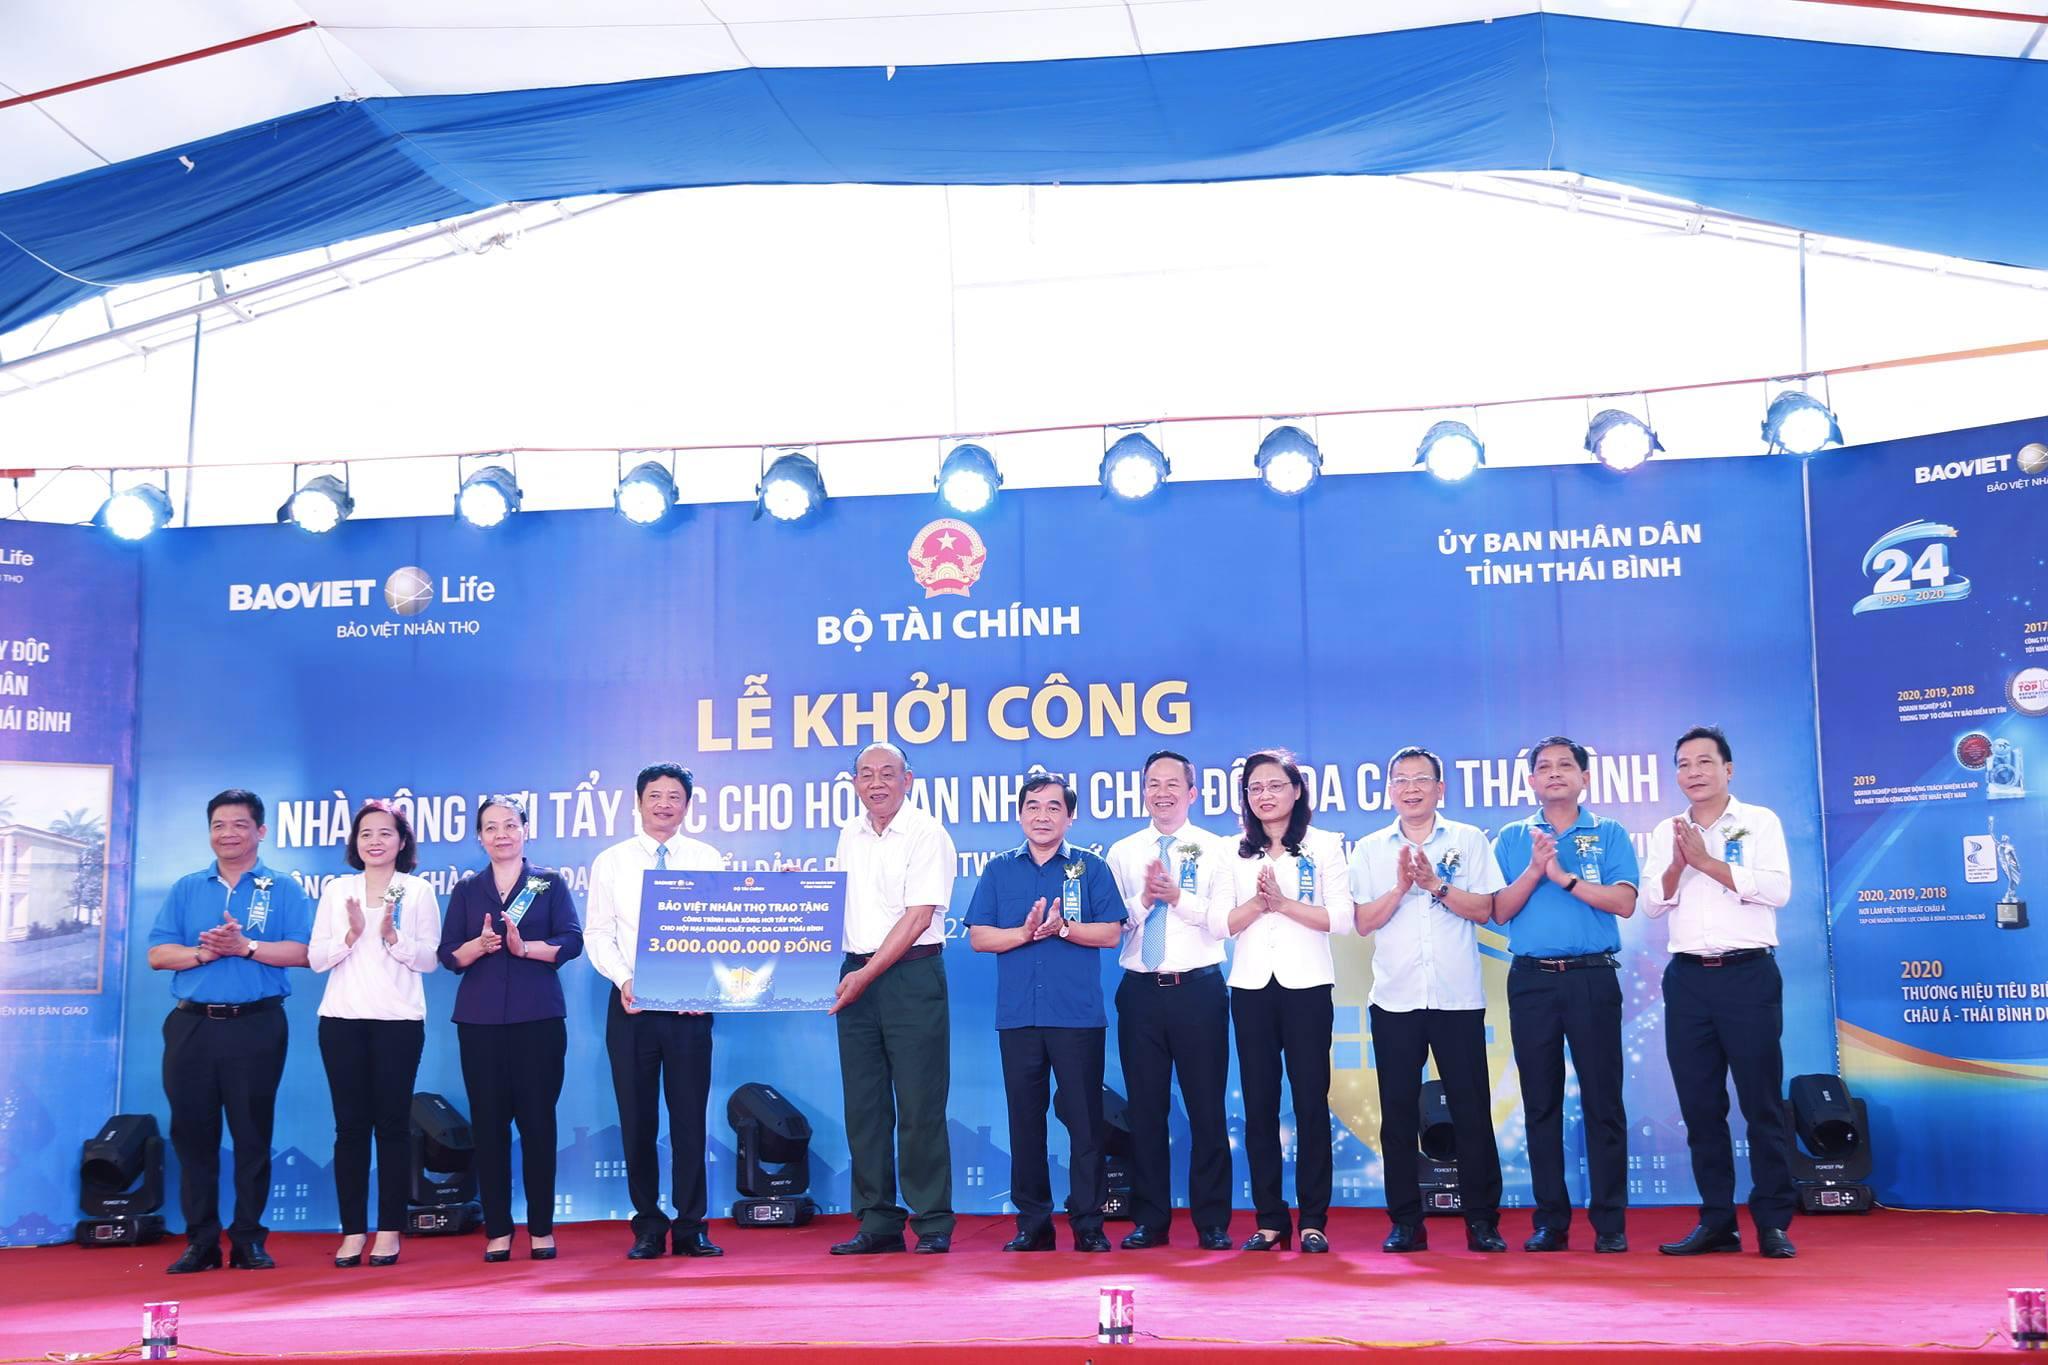 Bảo Việt Nhân thọ đầu tư 3 tỷ đồng xây dựng Trung tâm tẩy độc cho nạn nhân chất độc da cam tại tỉnh Thái Bình  - Ảnh 3